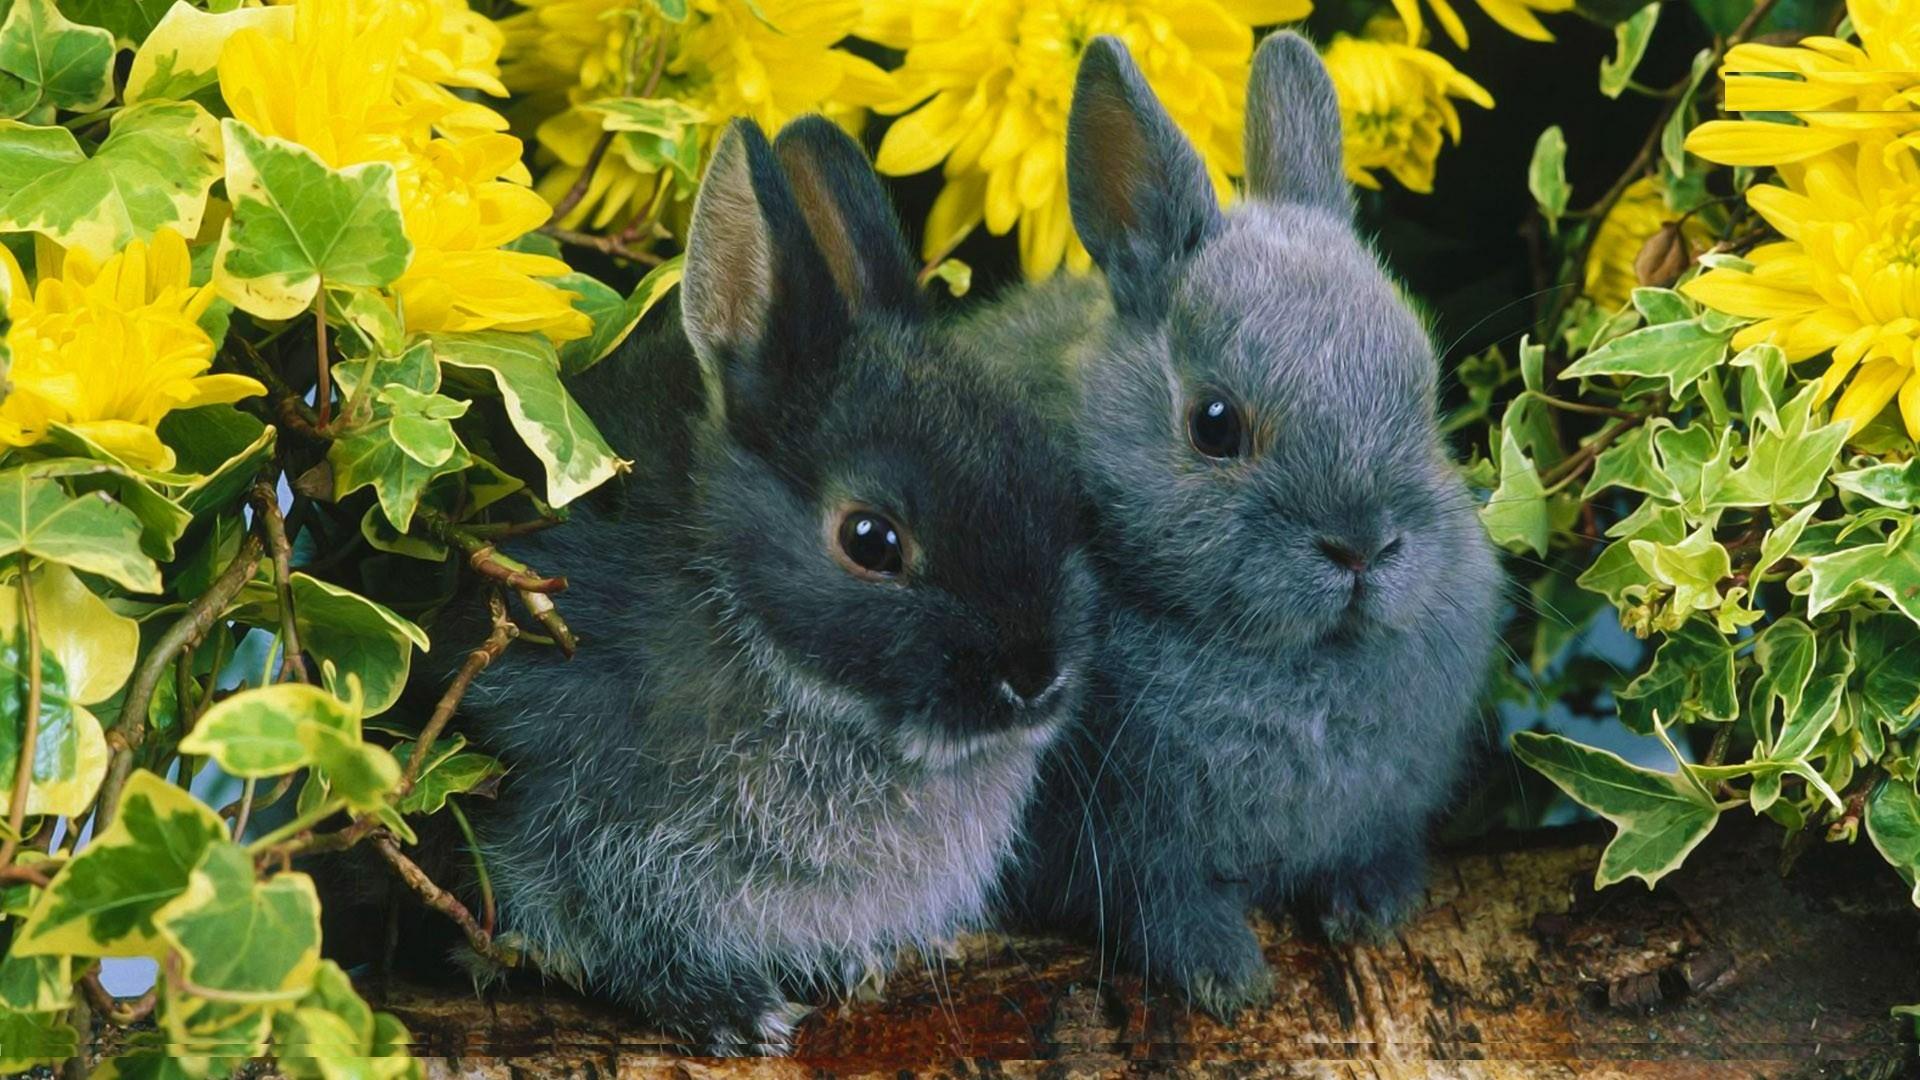 Free Beautiful Rabbit Pictures Desktop Rabbit Hd Wallpapers - New Beautiful Wallpapers Desktop , HD Wallpaper & Backgrounds